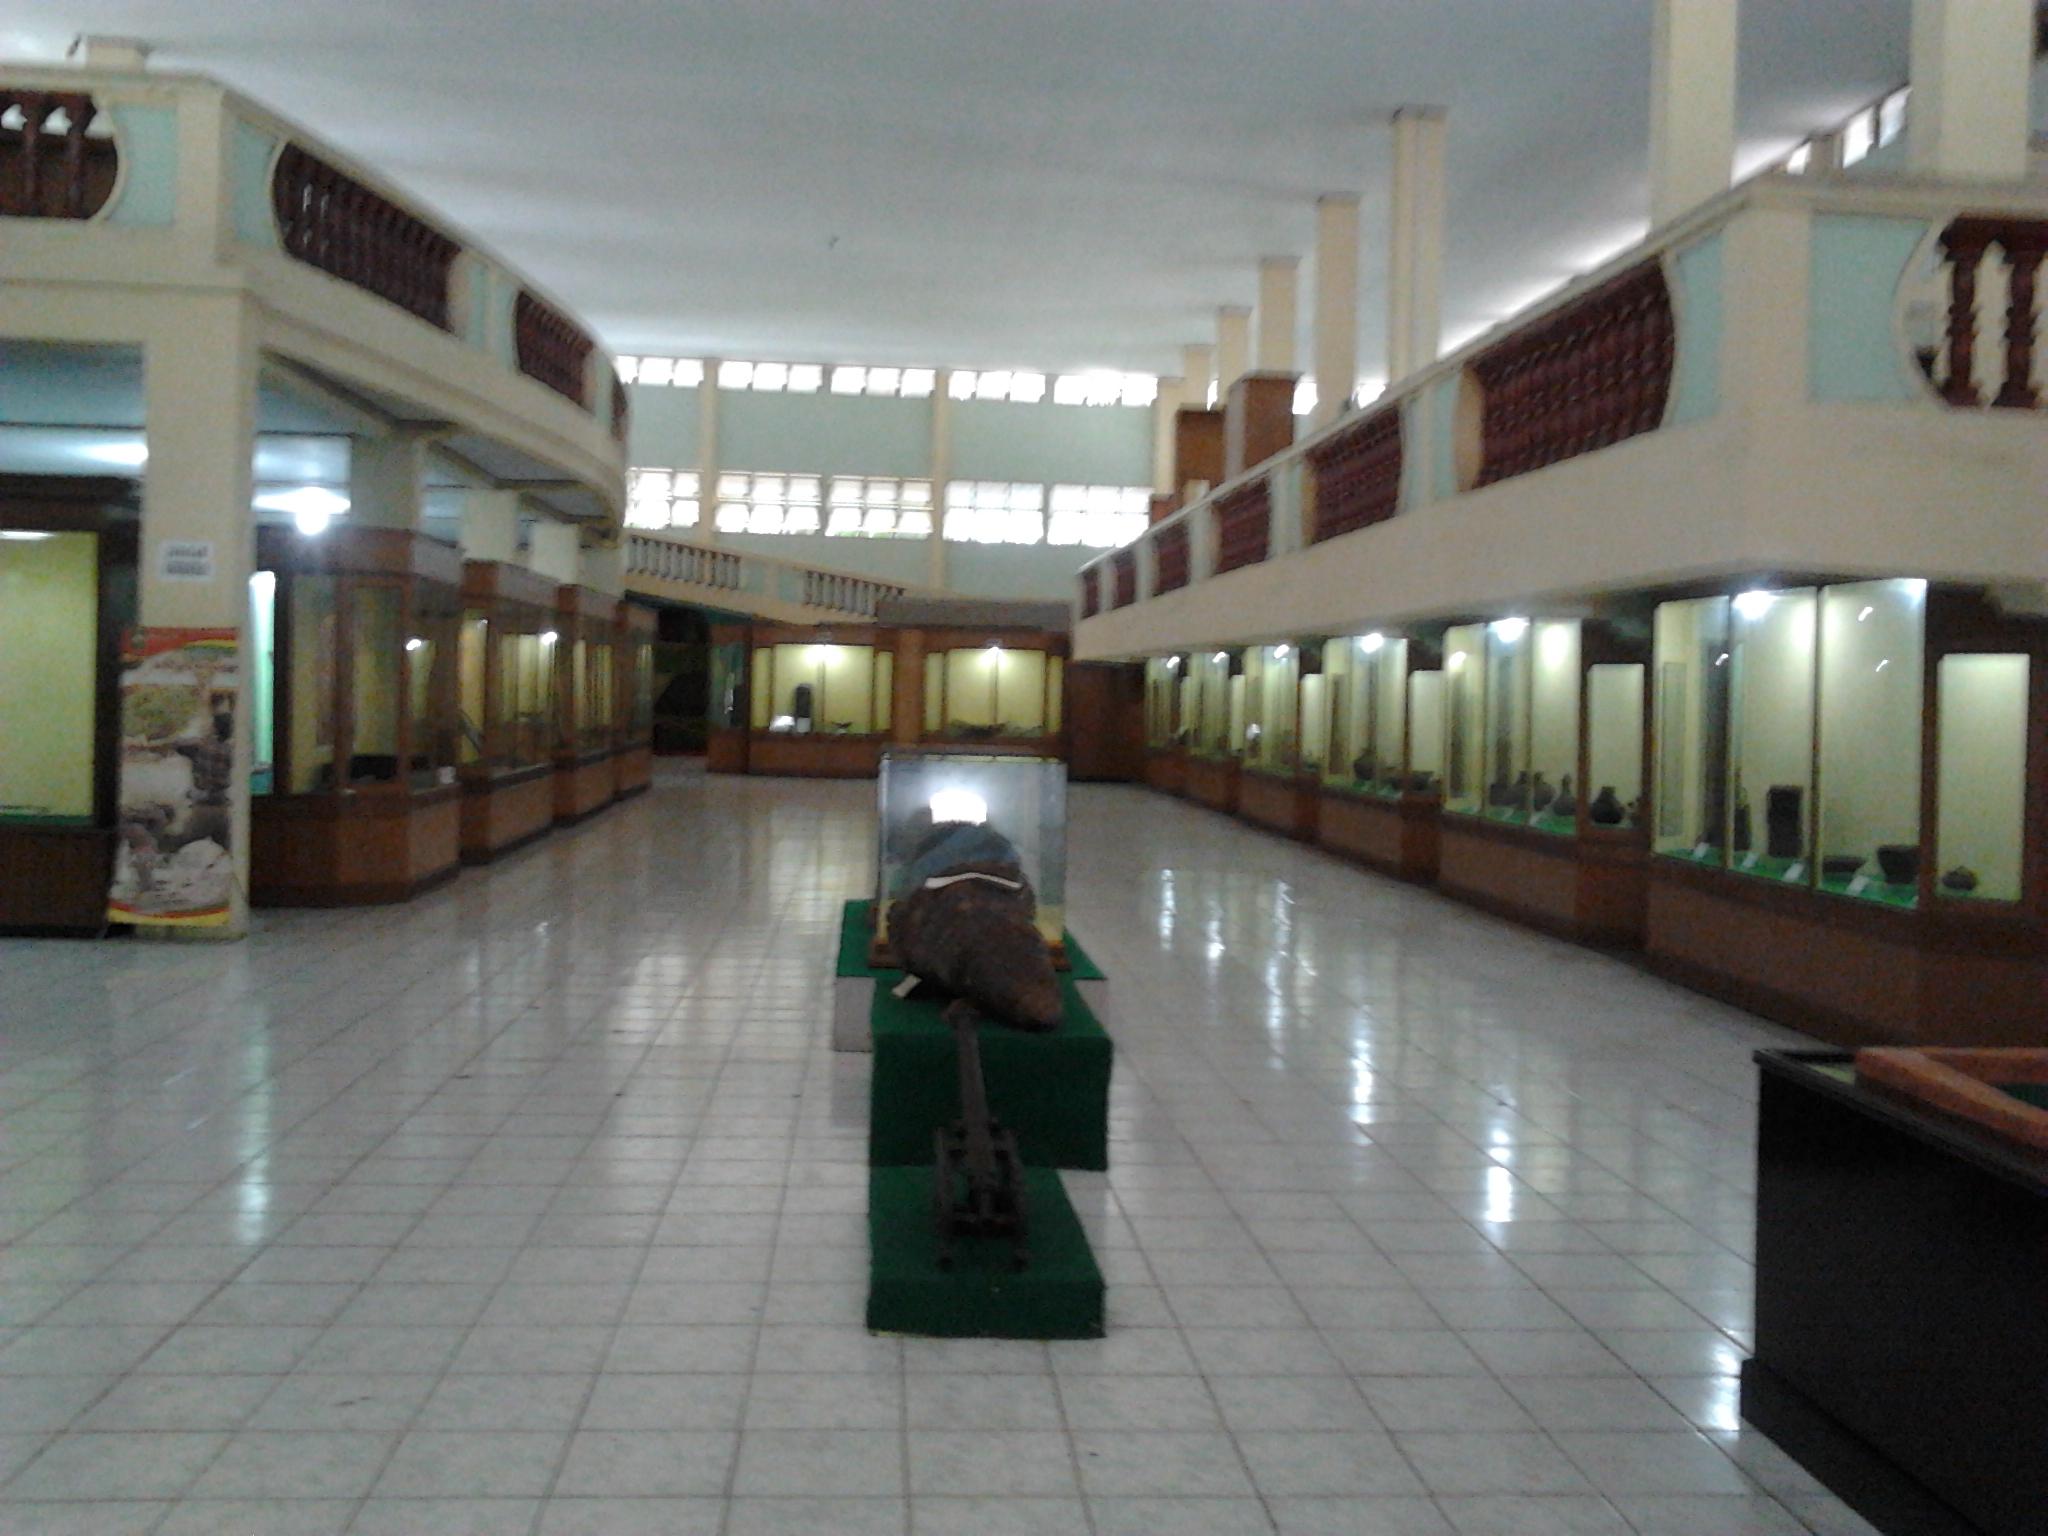 Museum Nila Utama Pekanbaru Riau Infobergelora Lantai Dasar Tampak Lemari